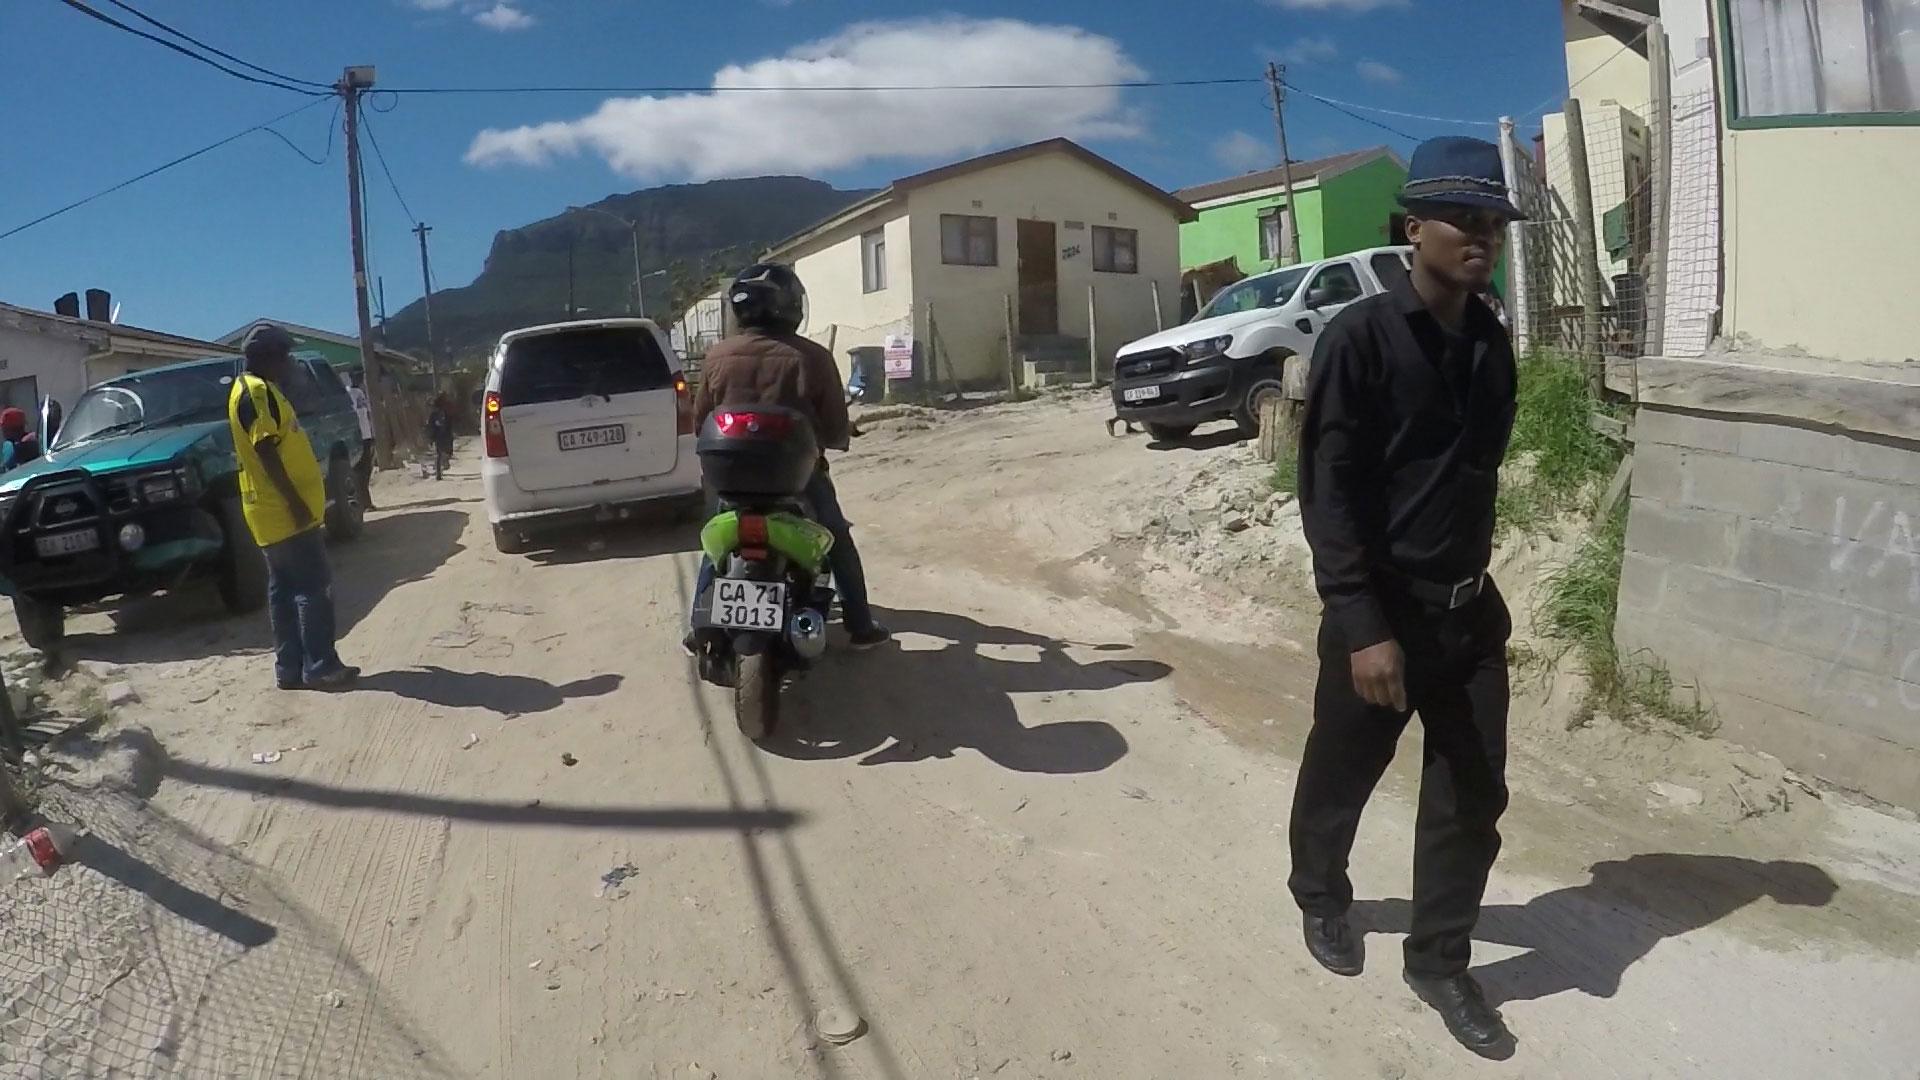 Imizamo Yethu à Hout Bay